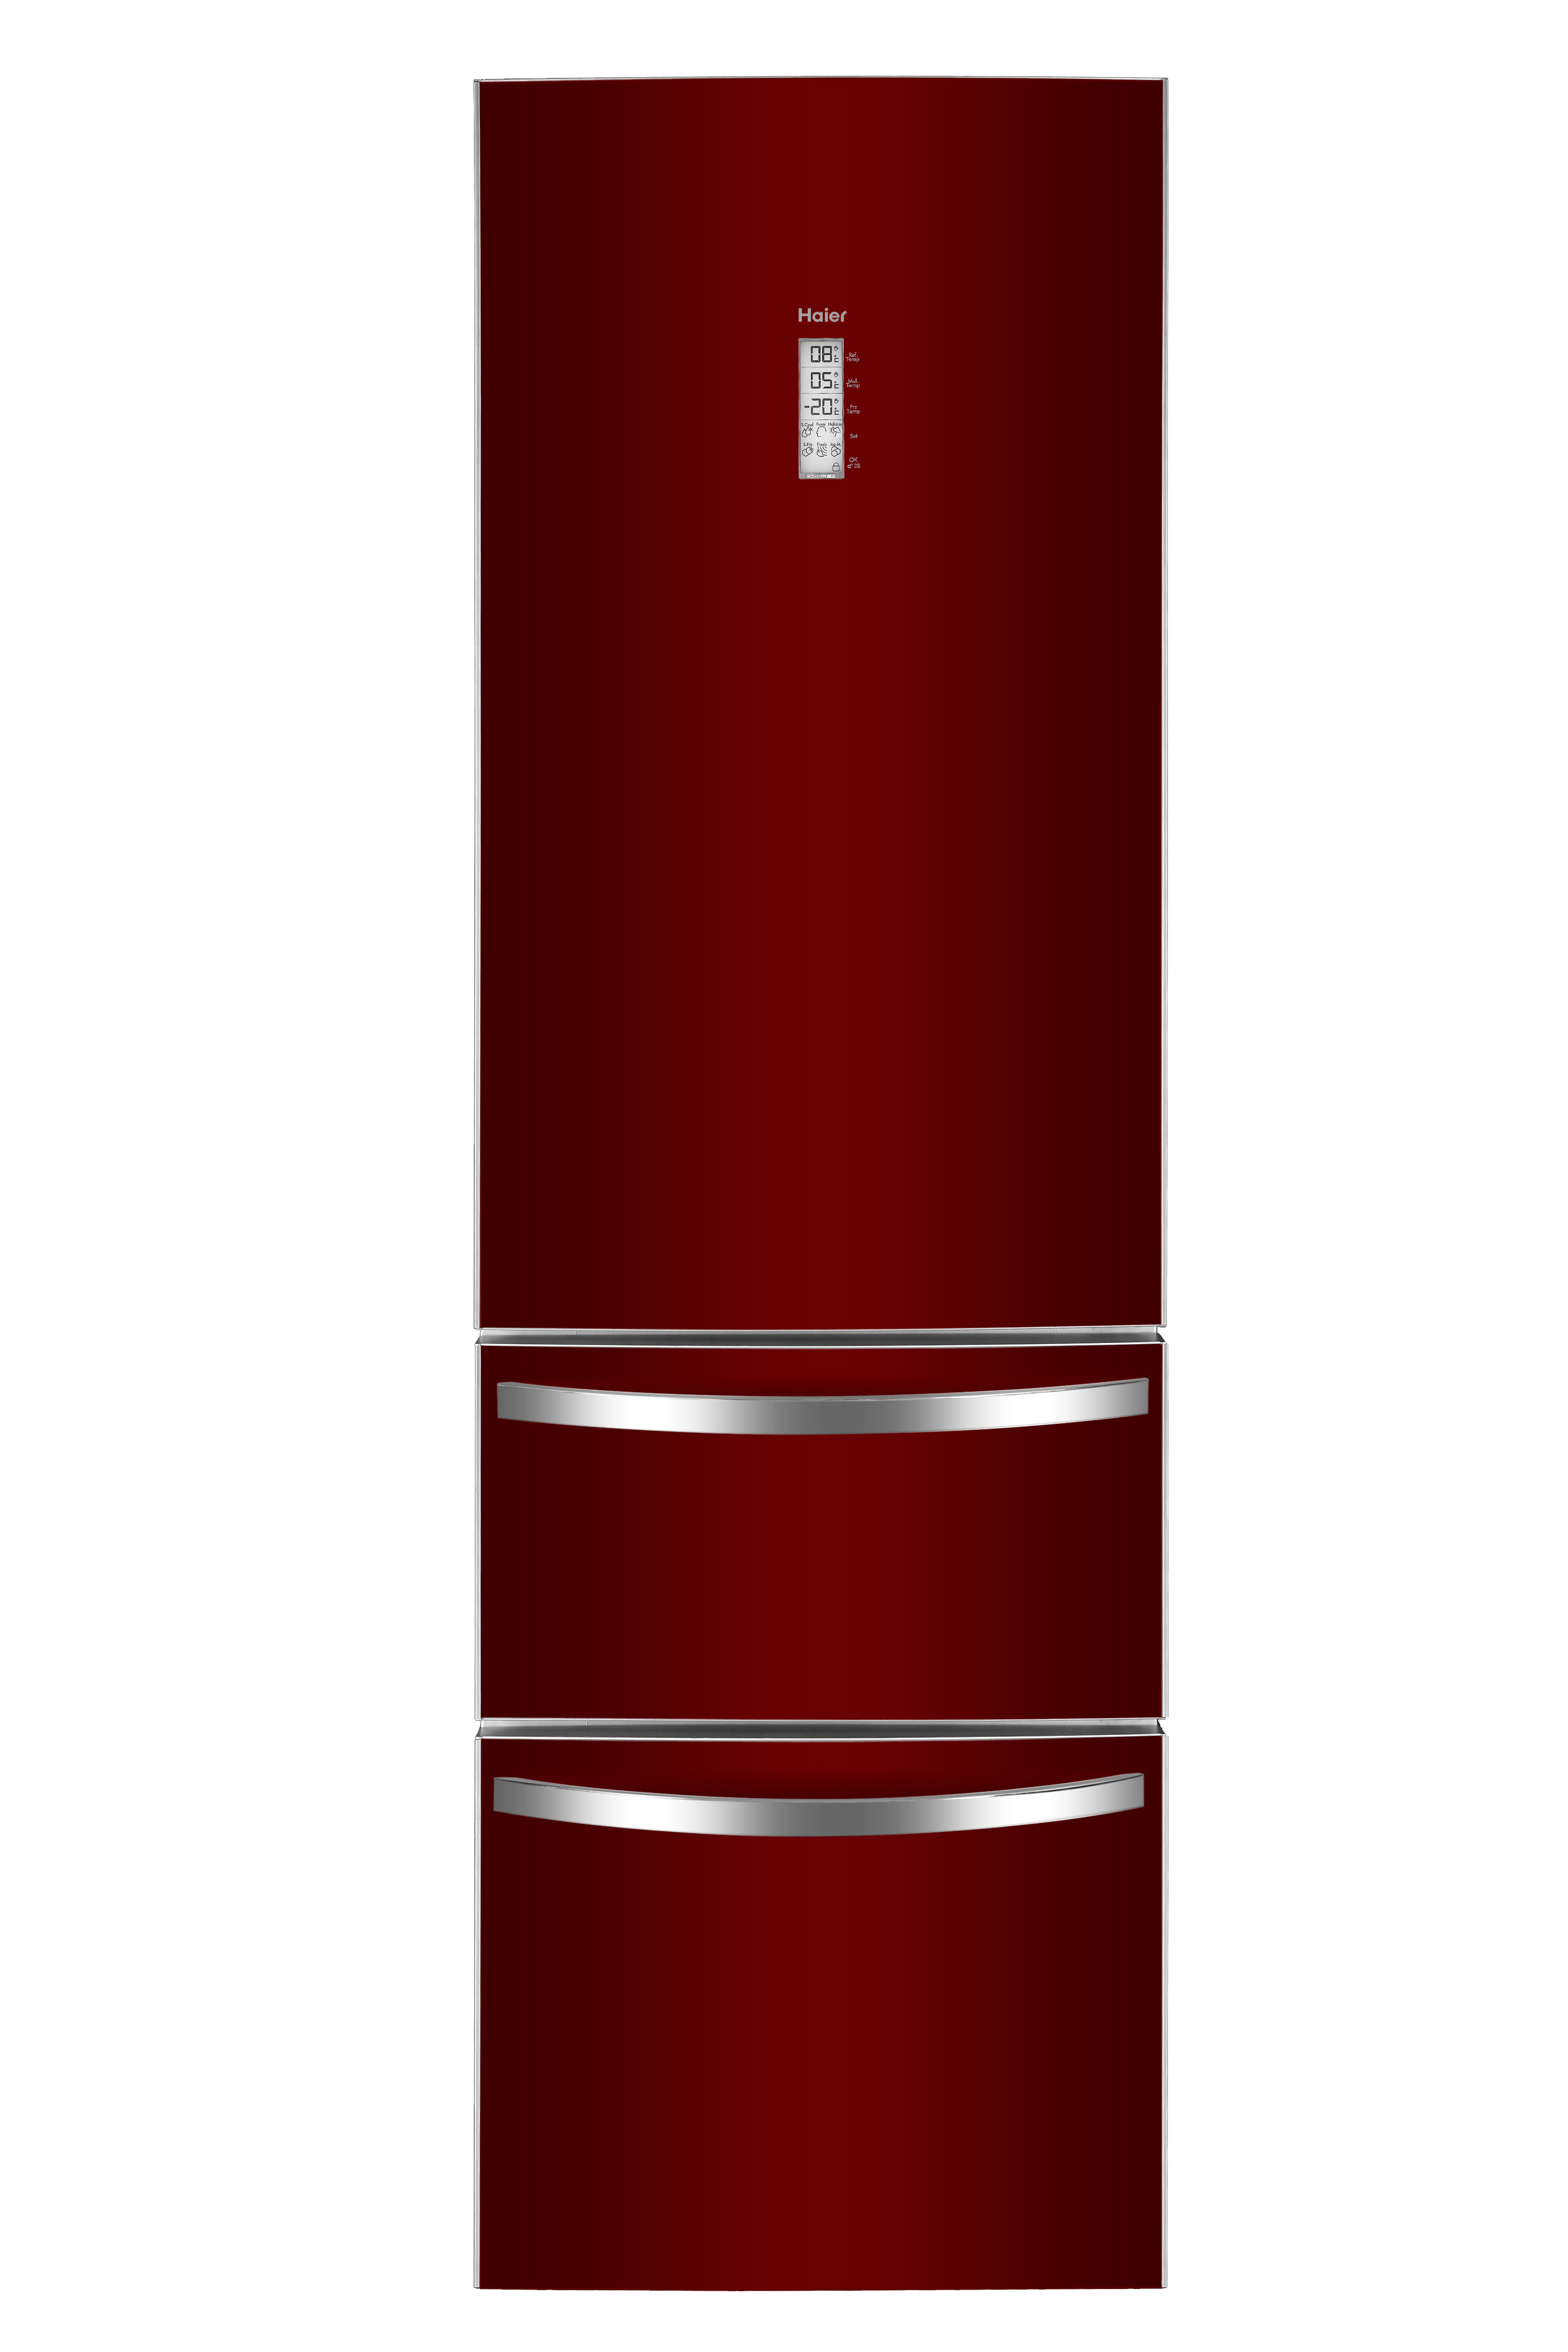 3d k hl gefrierkombinationen afd 631g von haier rot frontal frei 3d k hl gefrierkombination. Black Bedroom Furniture Sets. Home Design Ideas